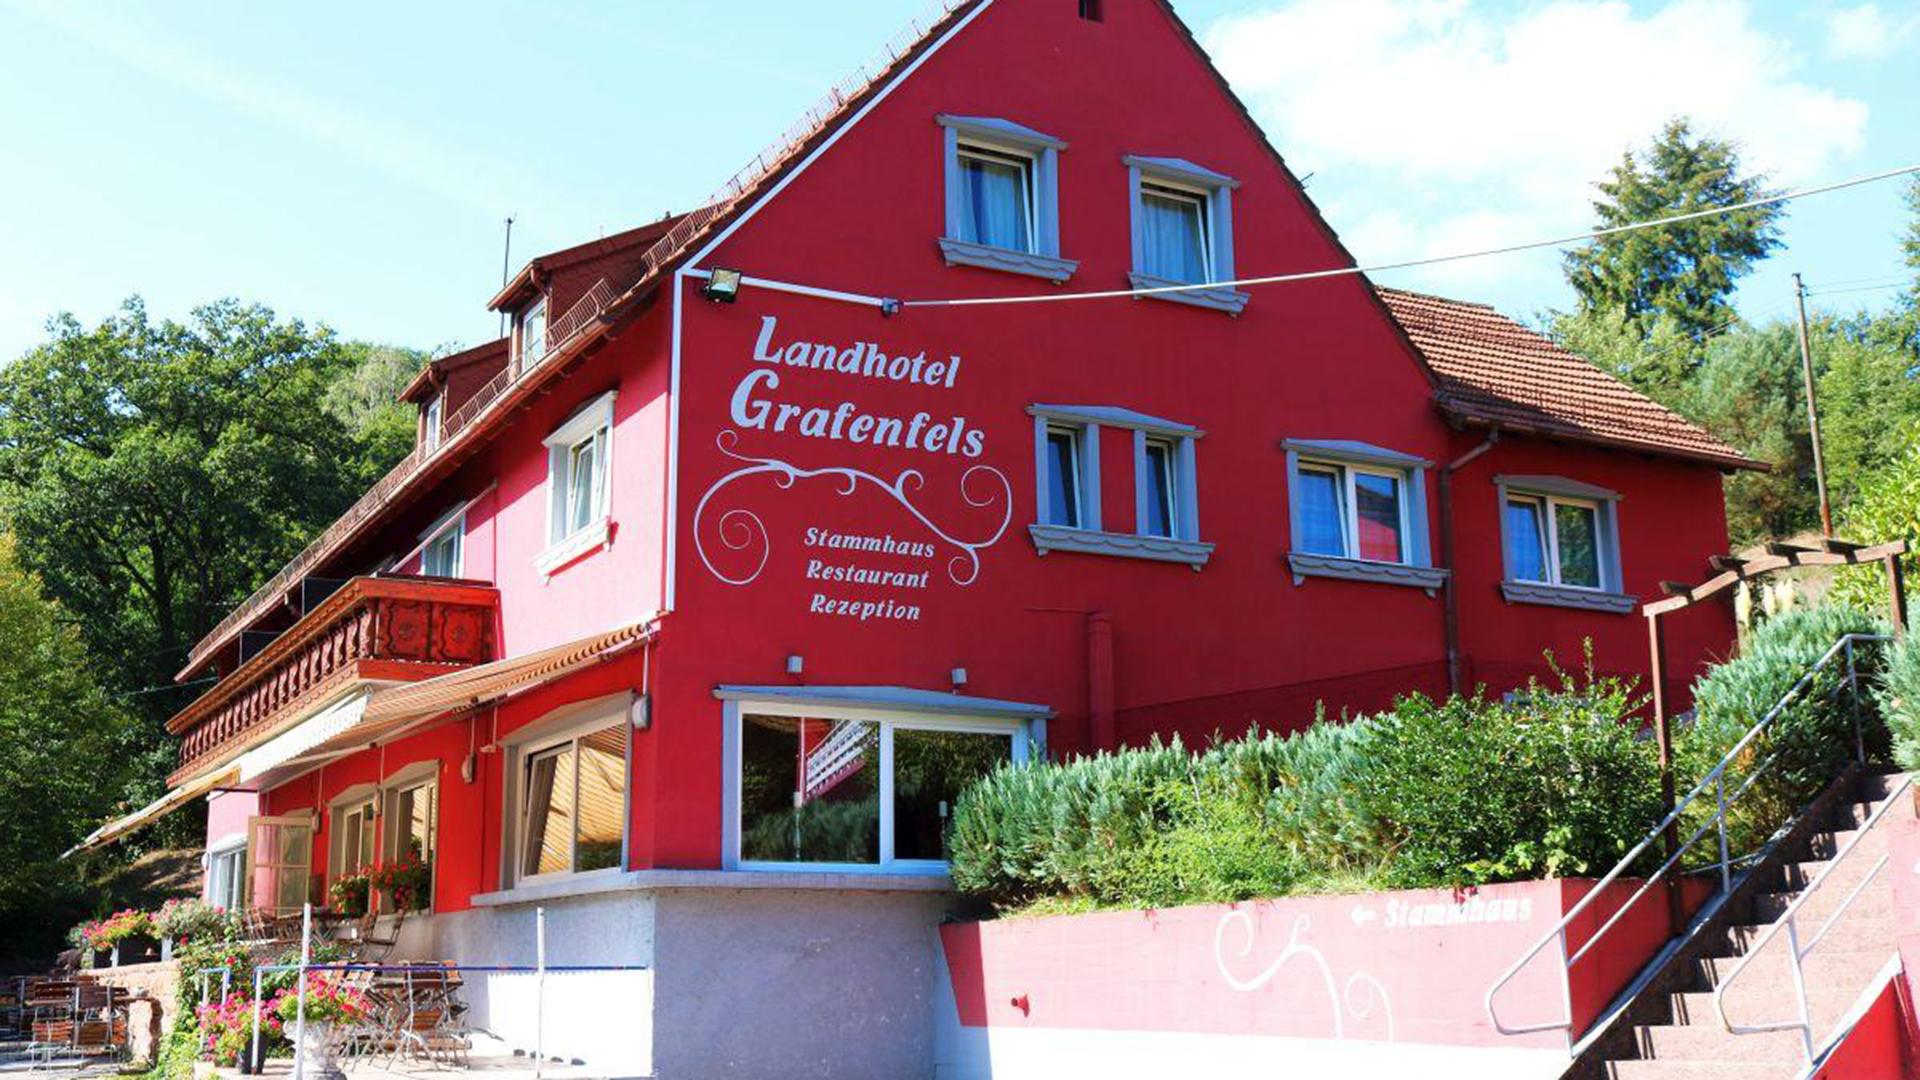 Landhotel Grafenfels